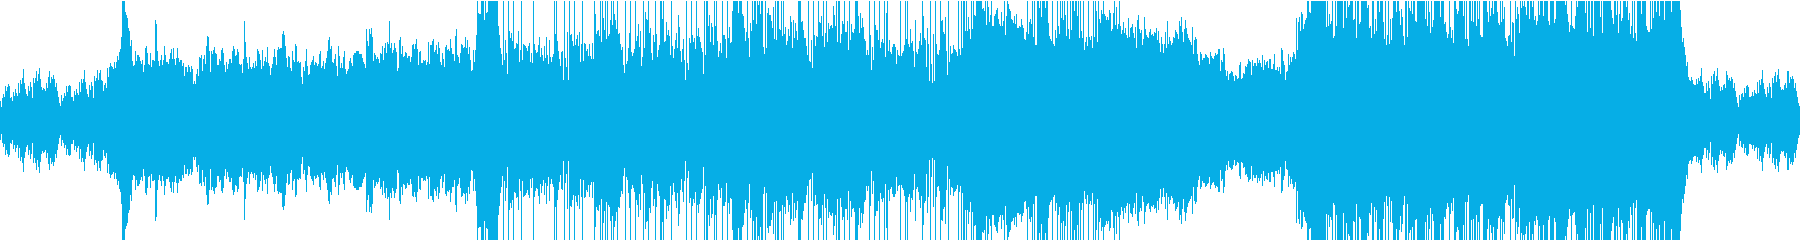 緊迫感のあるダンジョン(ループ版)の再生済みの波形